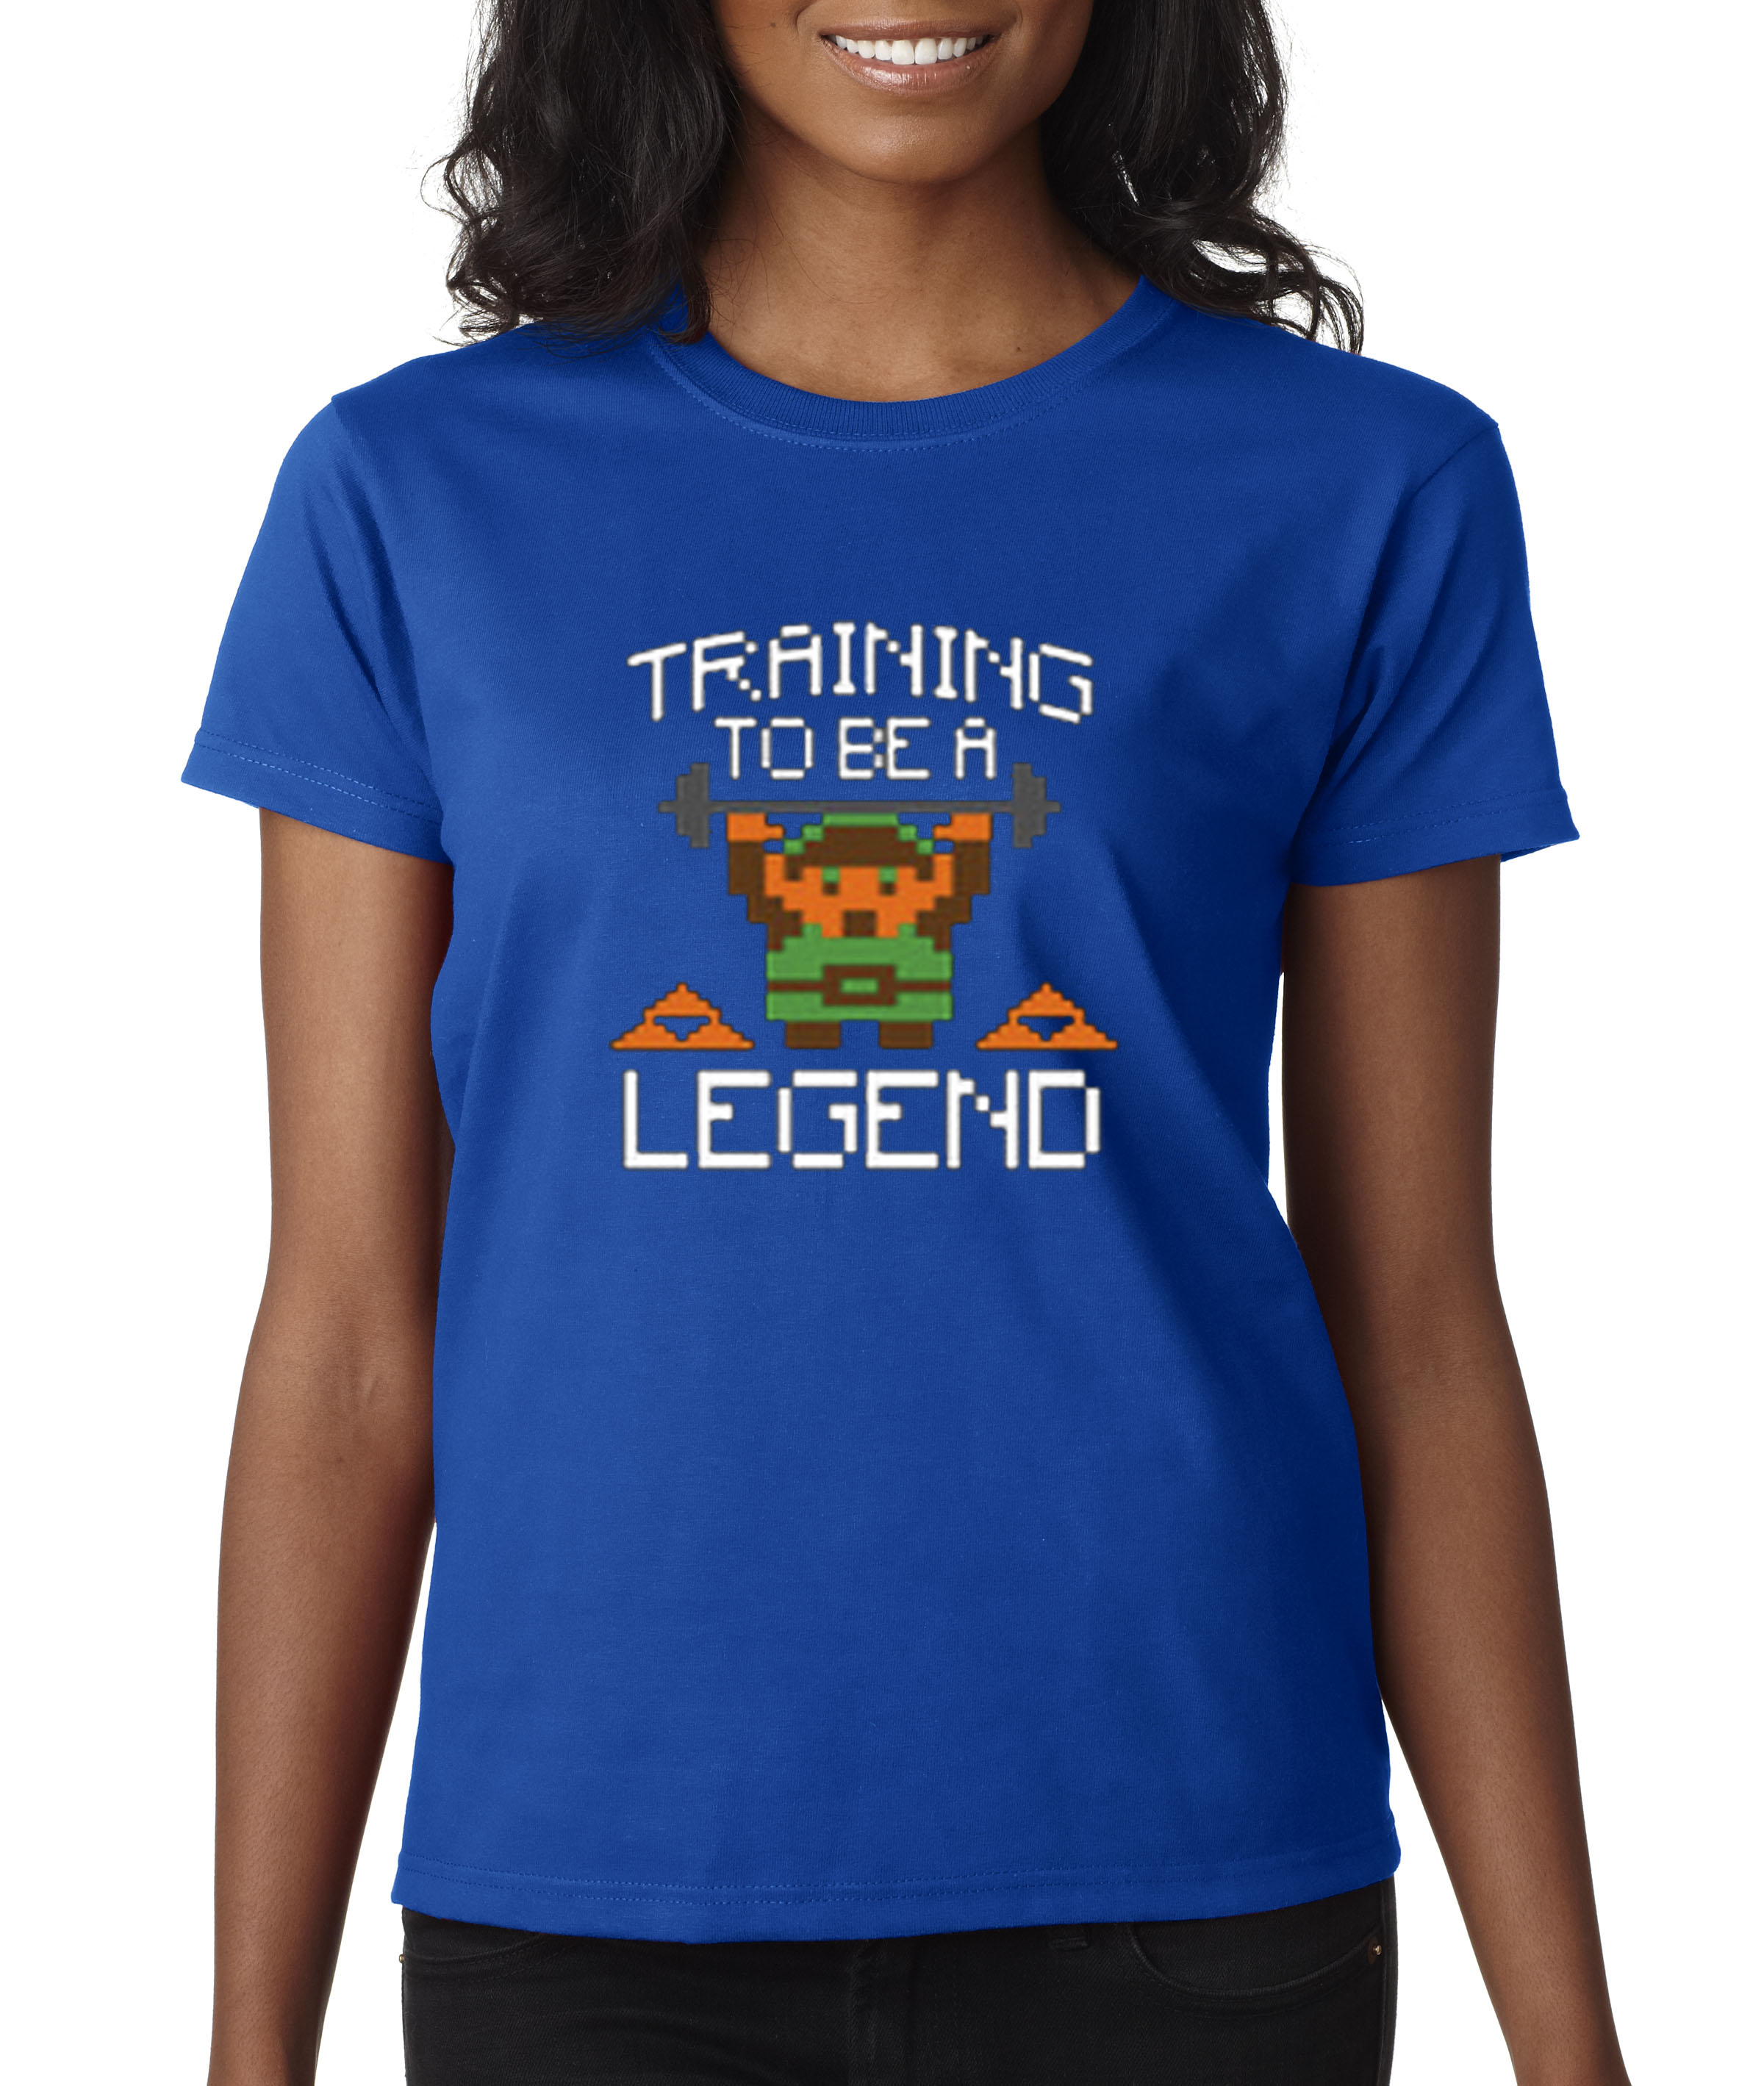 New Way 410 - Women's T-Shirt Training To Be A Legend Zelda Link 8-Bit